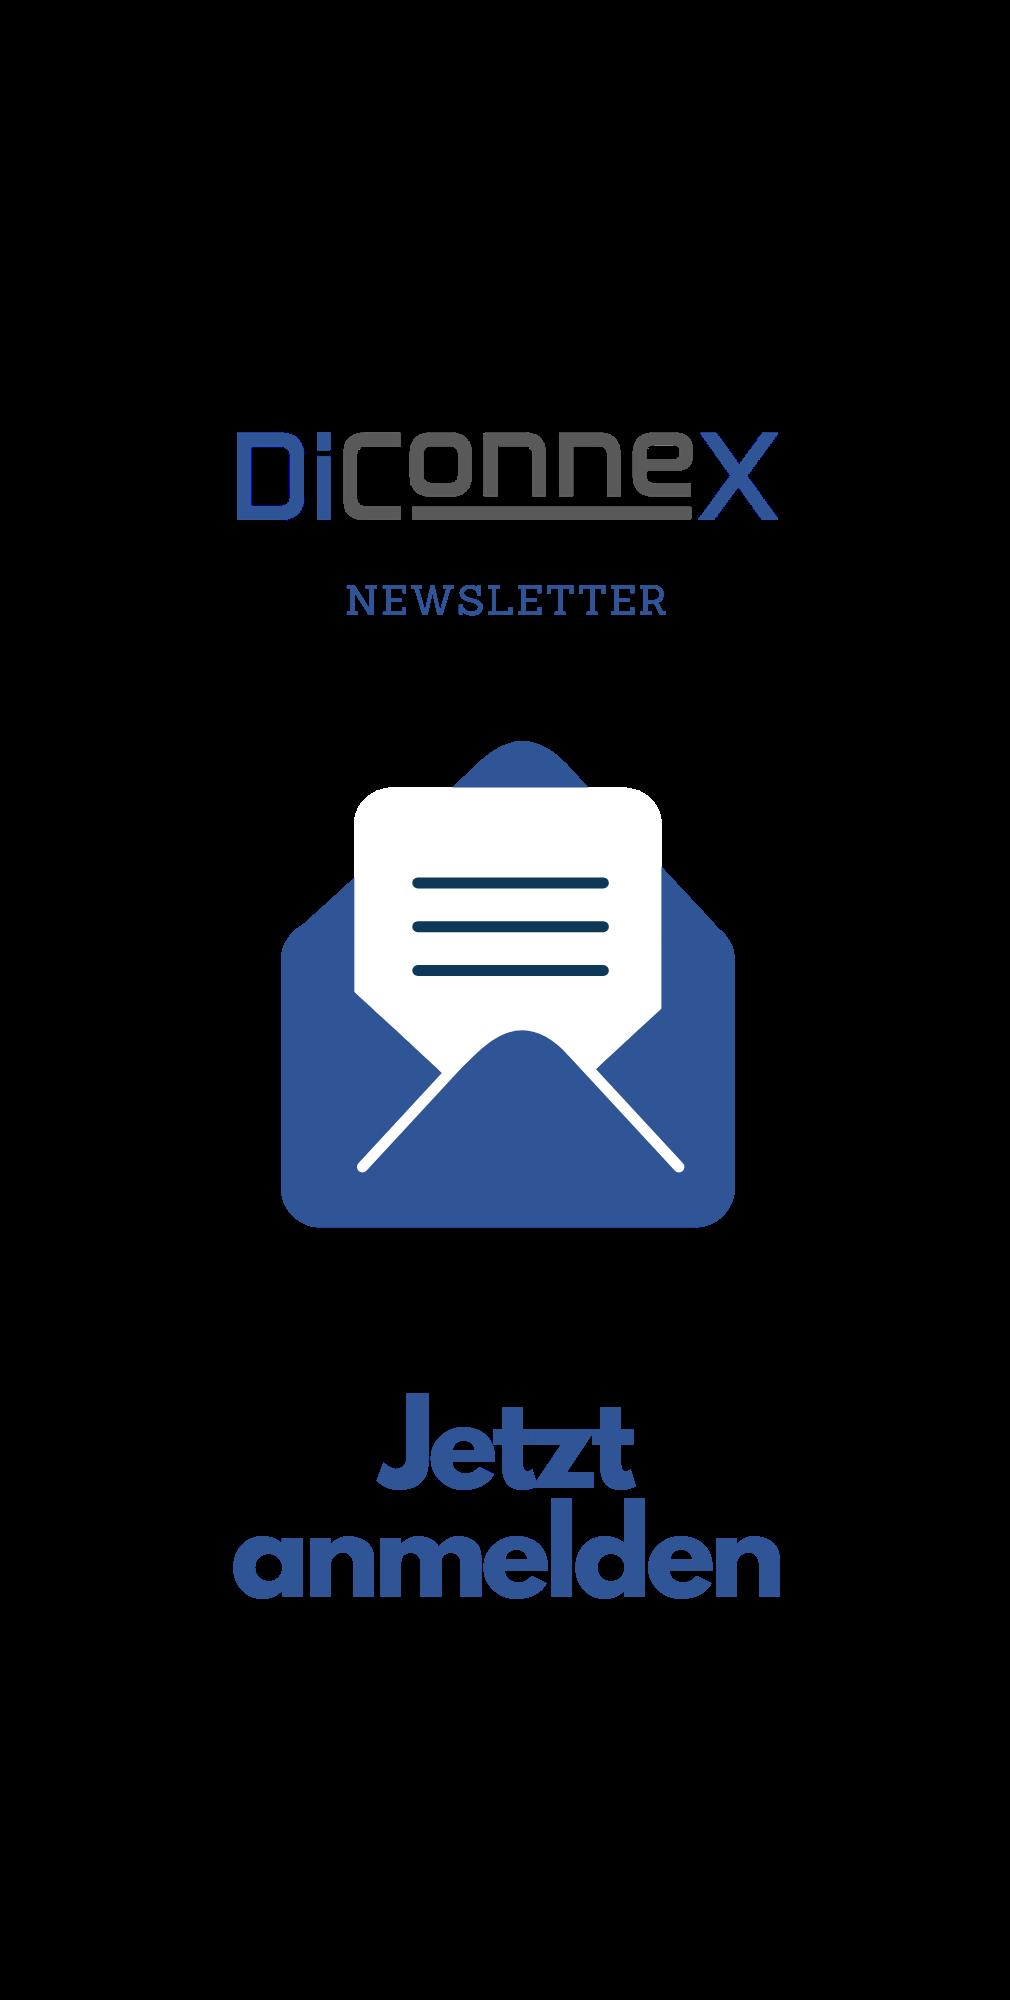 Der DiConneX Newsletter